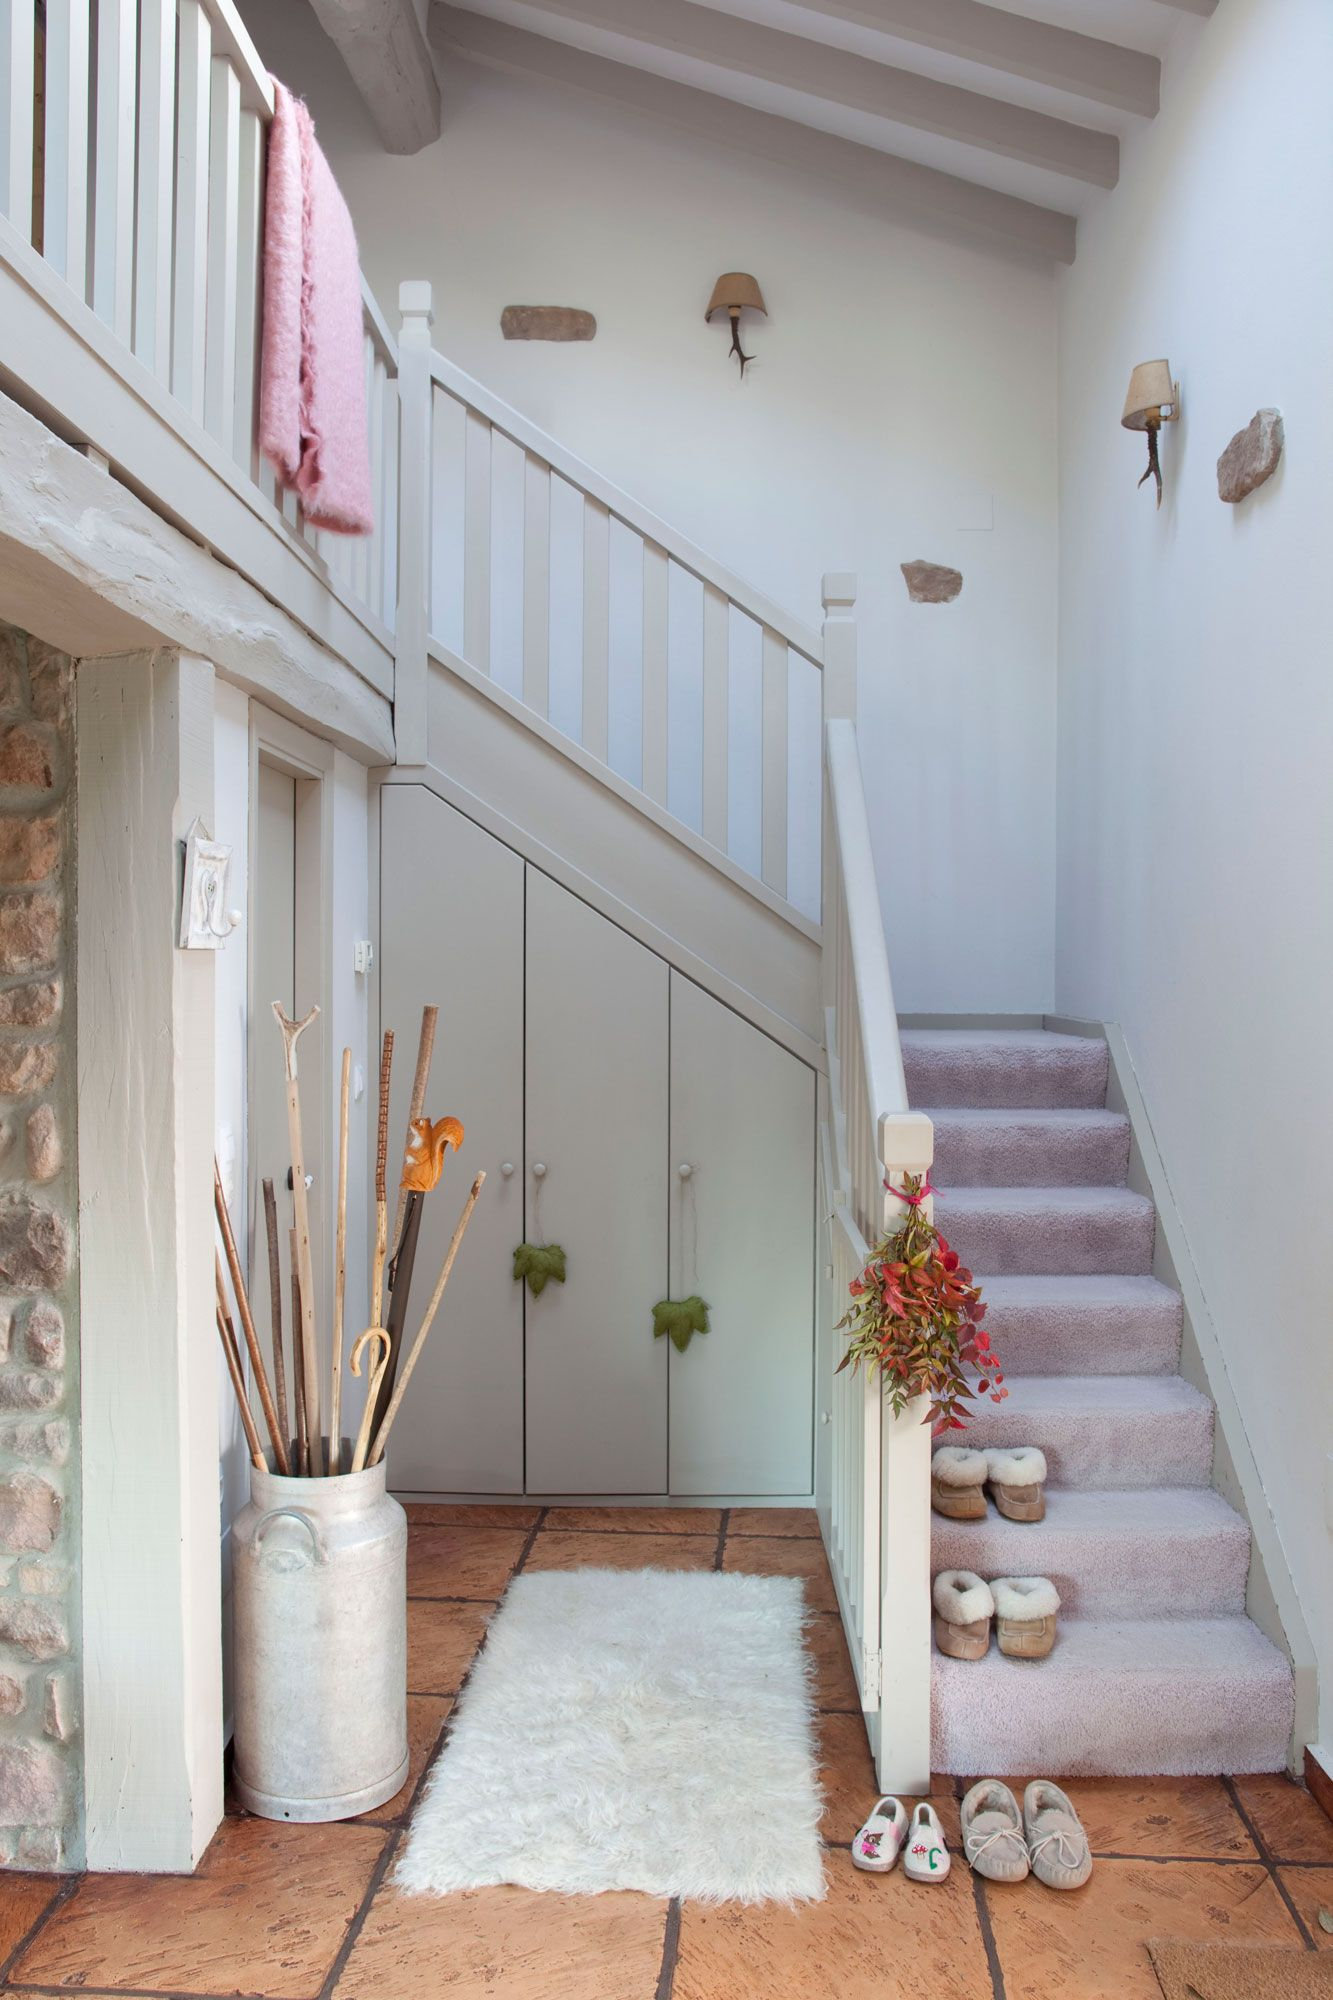 Recibidor r stico con armario a medida bajo la escalera for Decoracion piso bajo